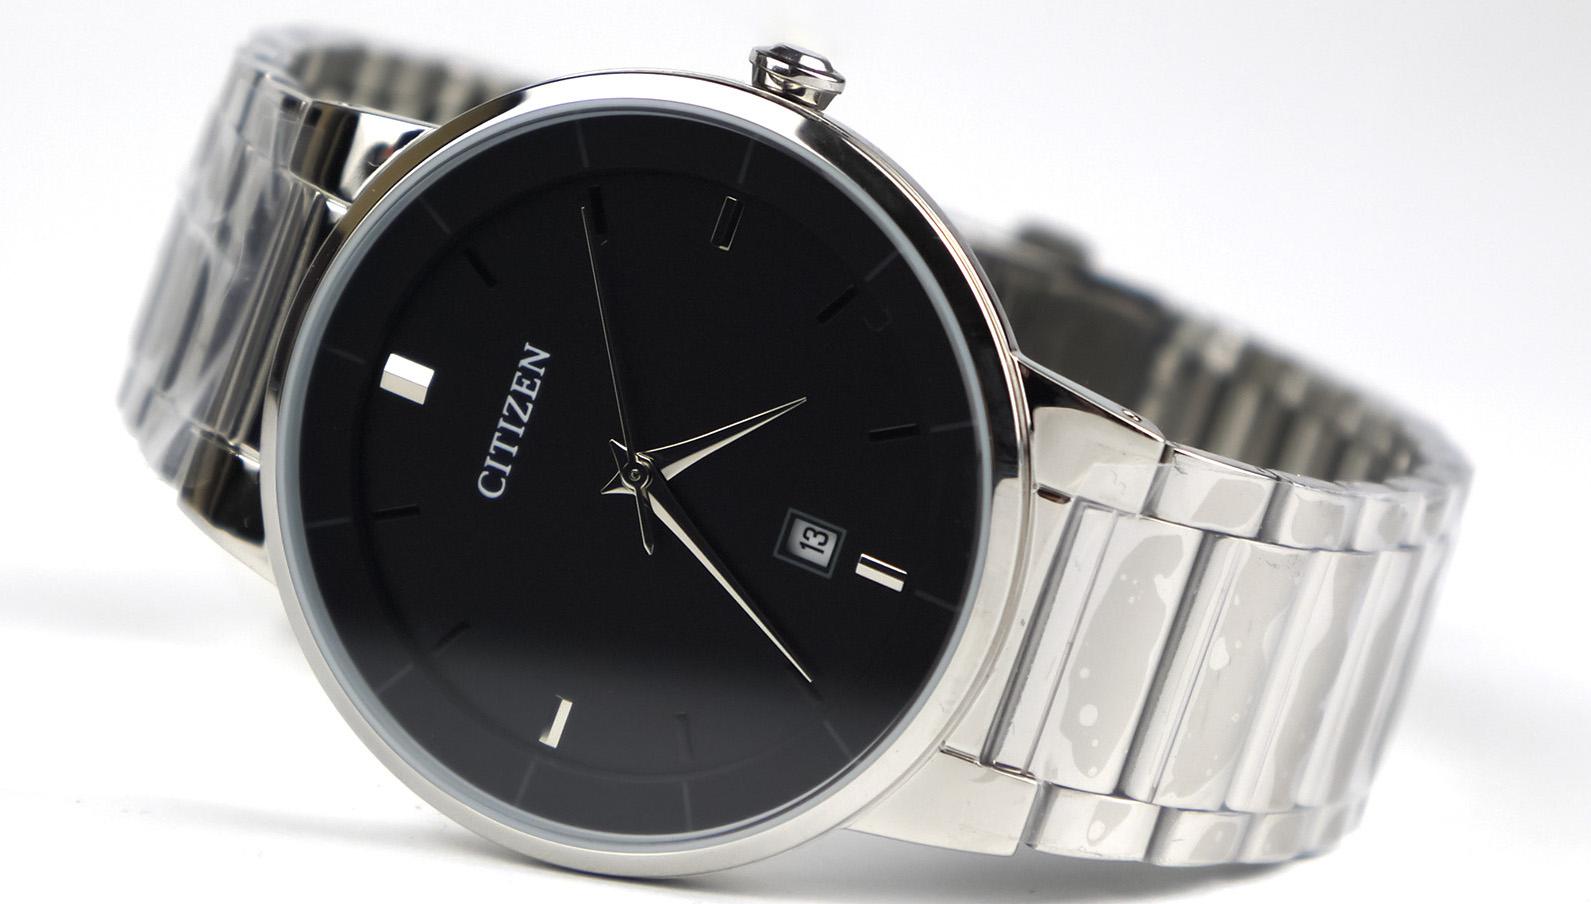 Citizen BI5010-59E Quartz Stainless Steel Watch Review